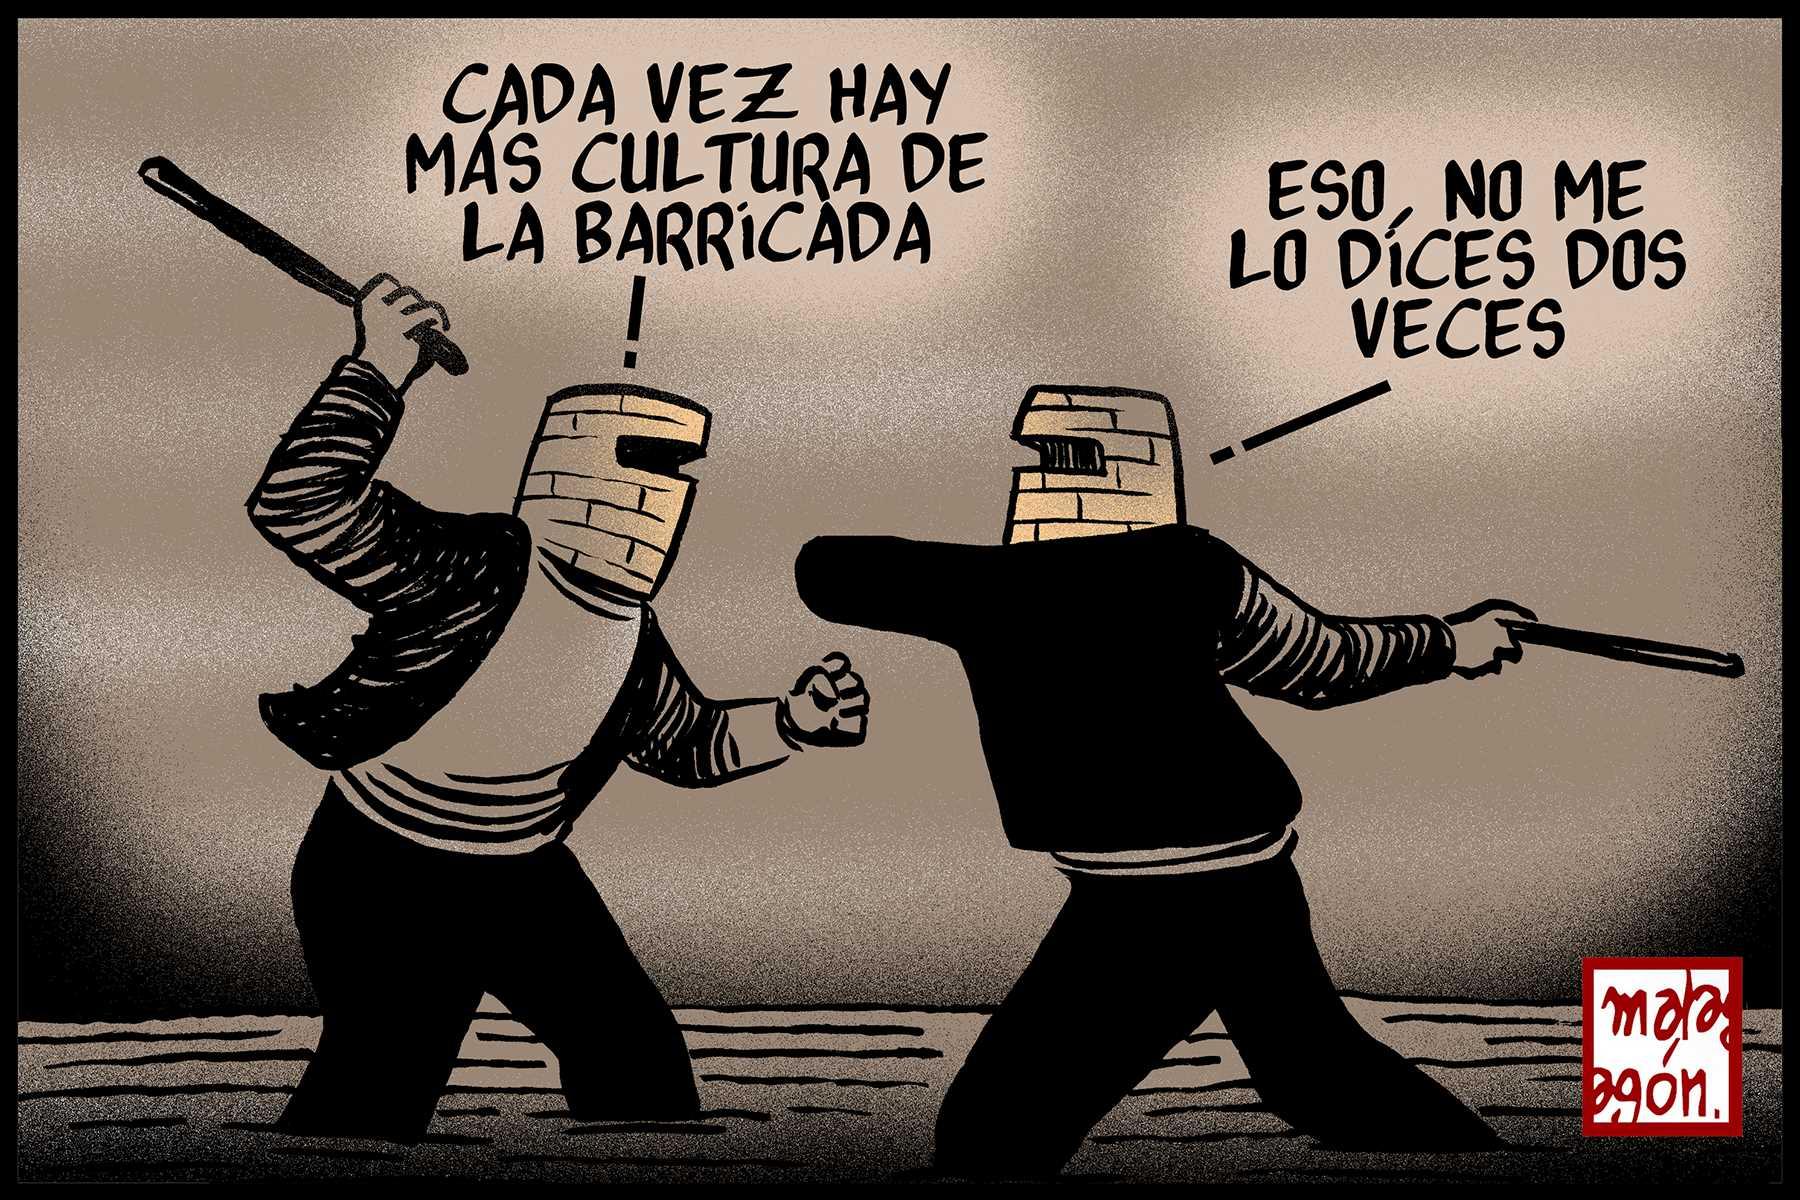 <p>Cultura de la barricada.</p>